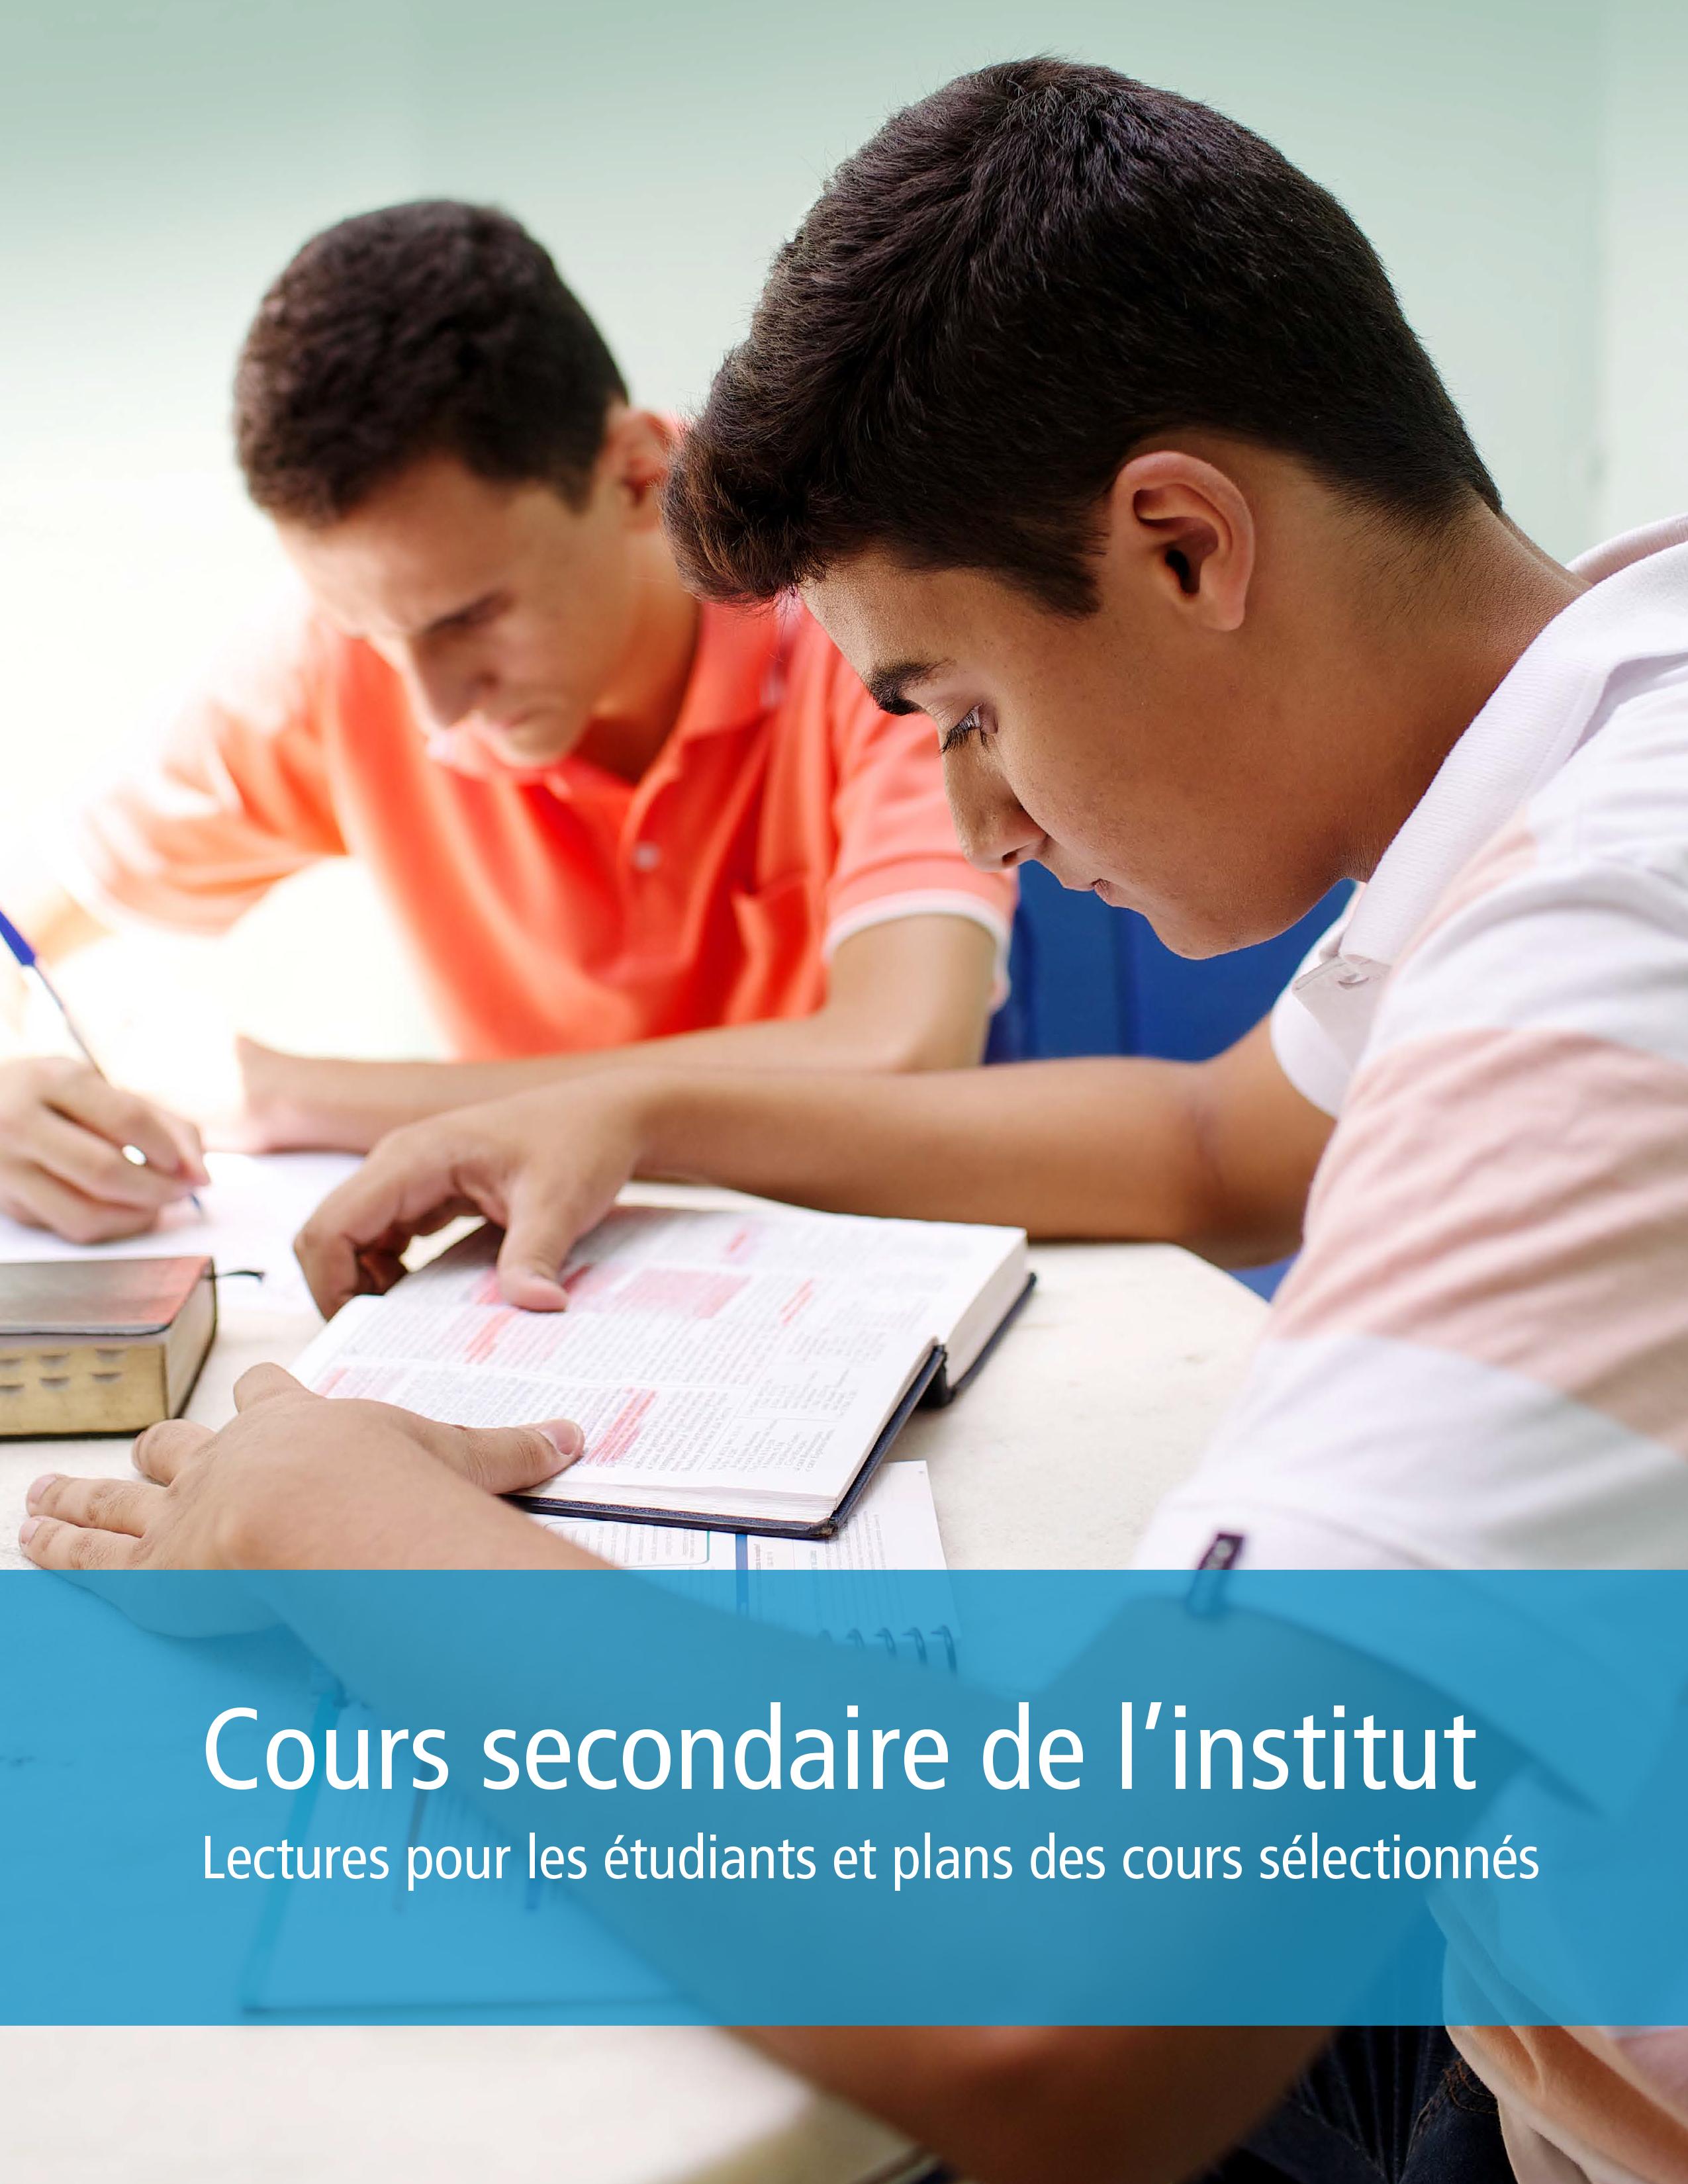 Cours secondaires de l'institut: Lectures des étudiants